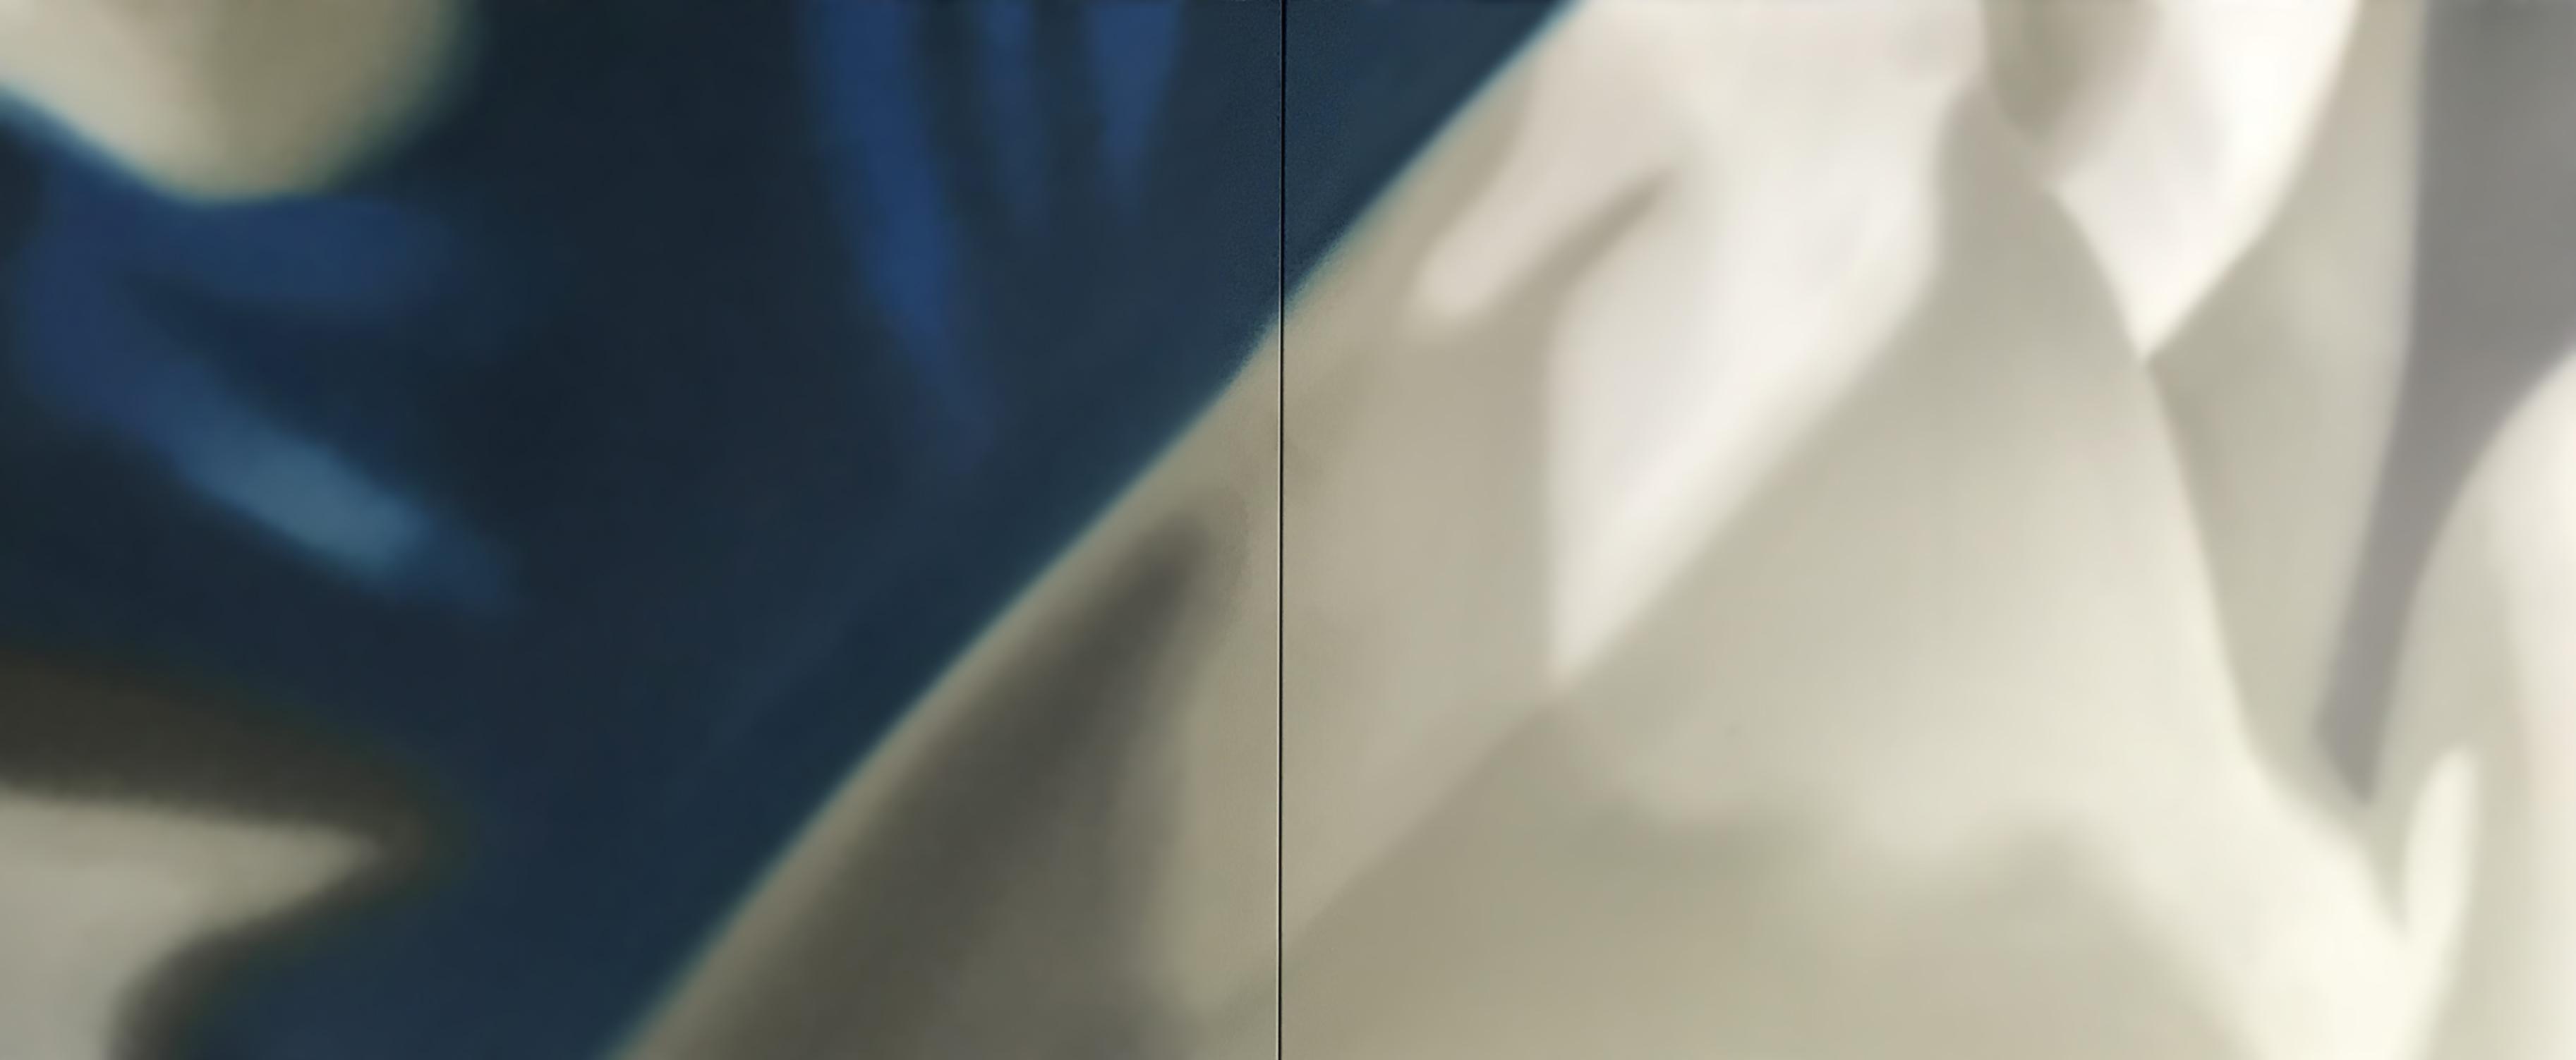 Abstração Azul e Cinza